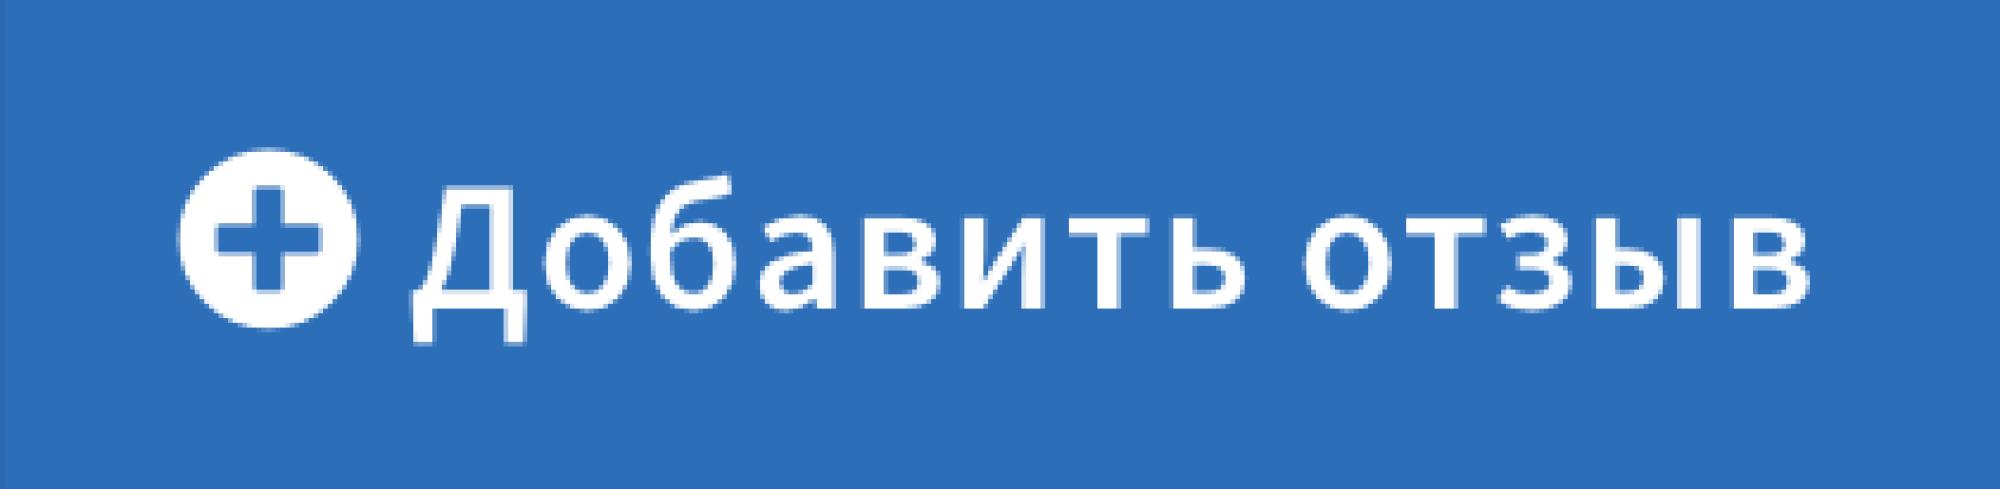 Добавить отзыв на сайт утеплитель.рф